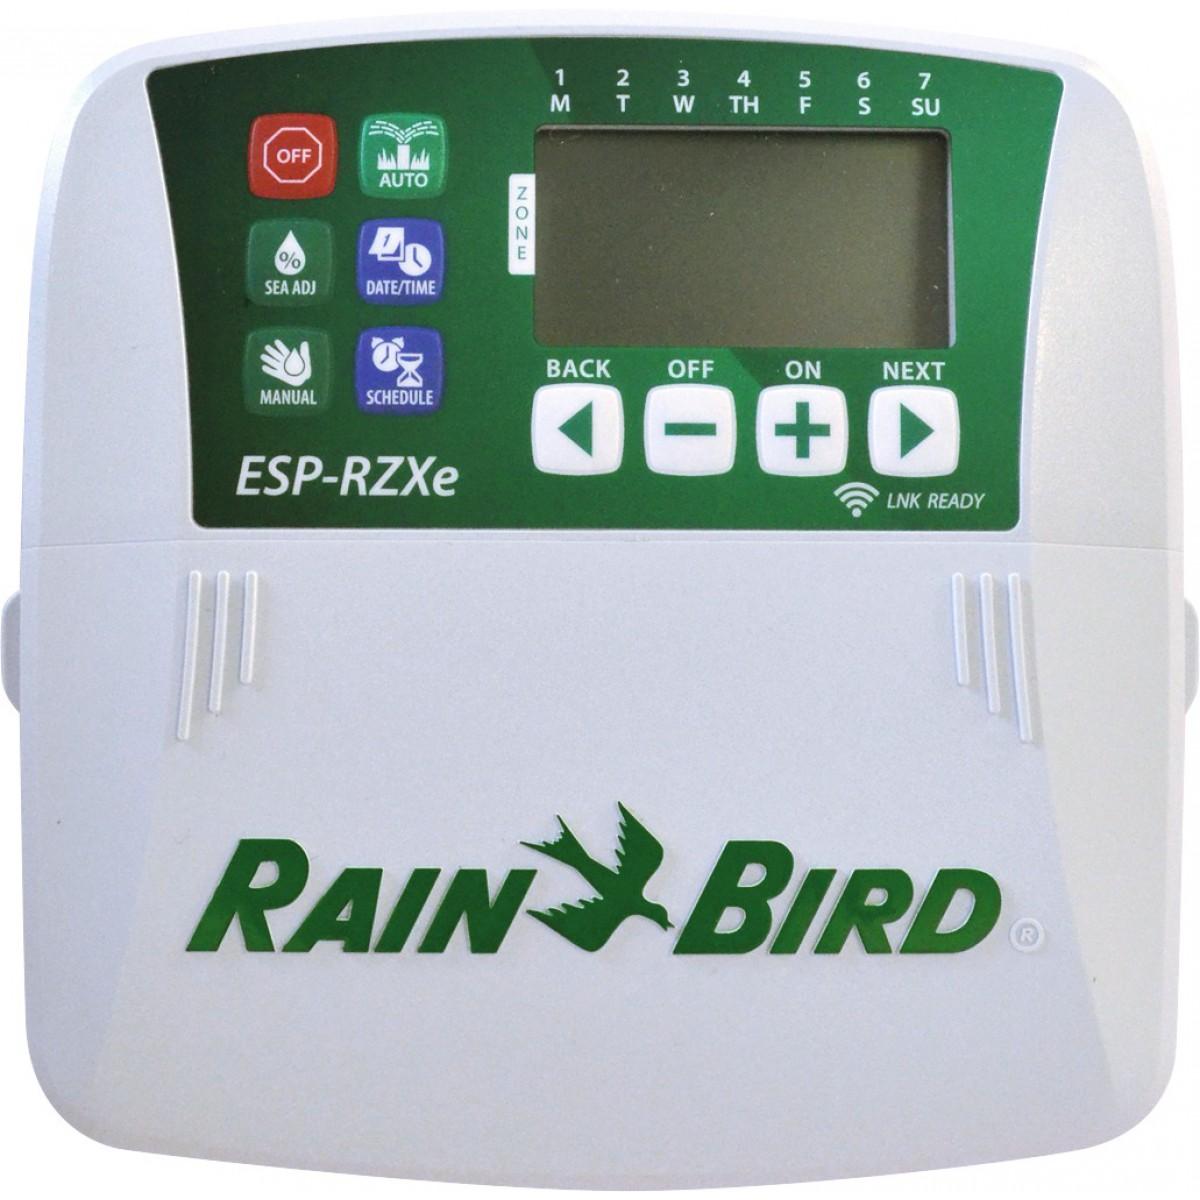 Programmateur d'arrosage résidentiel série ESP-RZXe Rain Bird - 8 voies